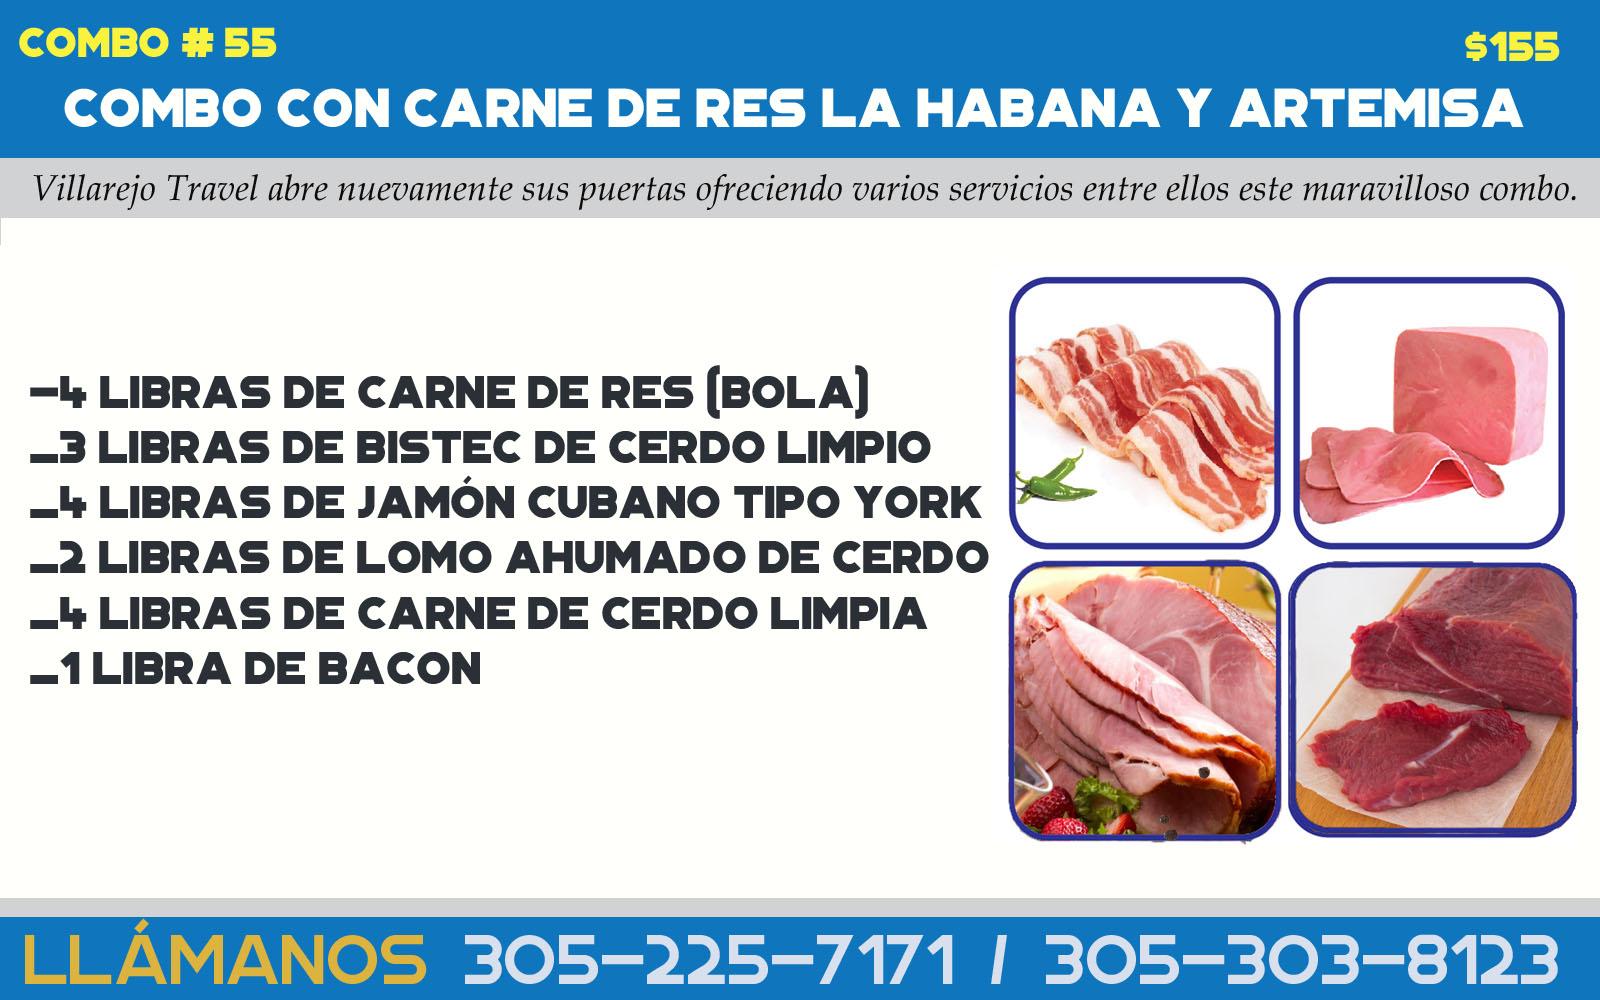 COMBO # 55  HABANA Y ARTEMISA -  EL UNICO COMBO CON CARNE DE RES